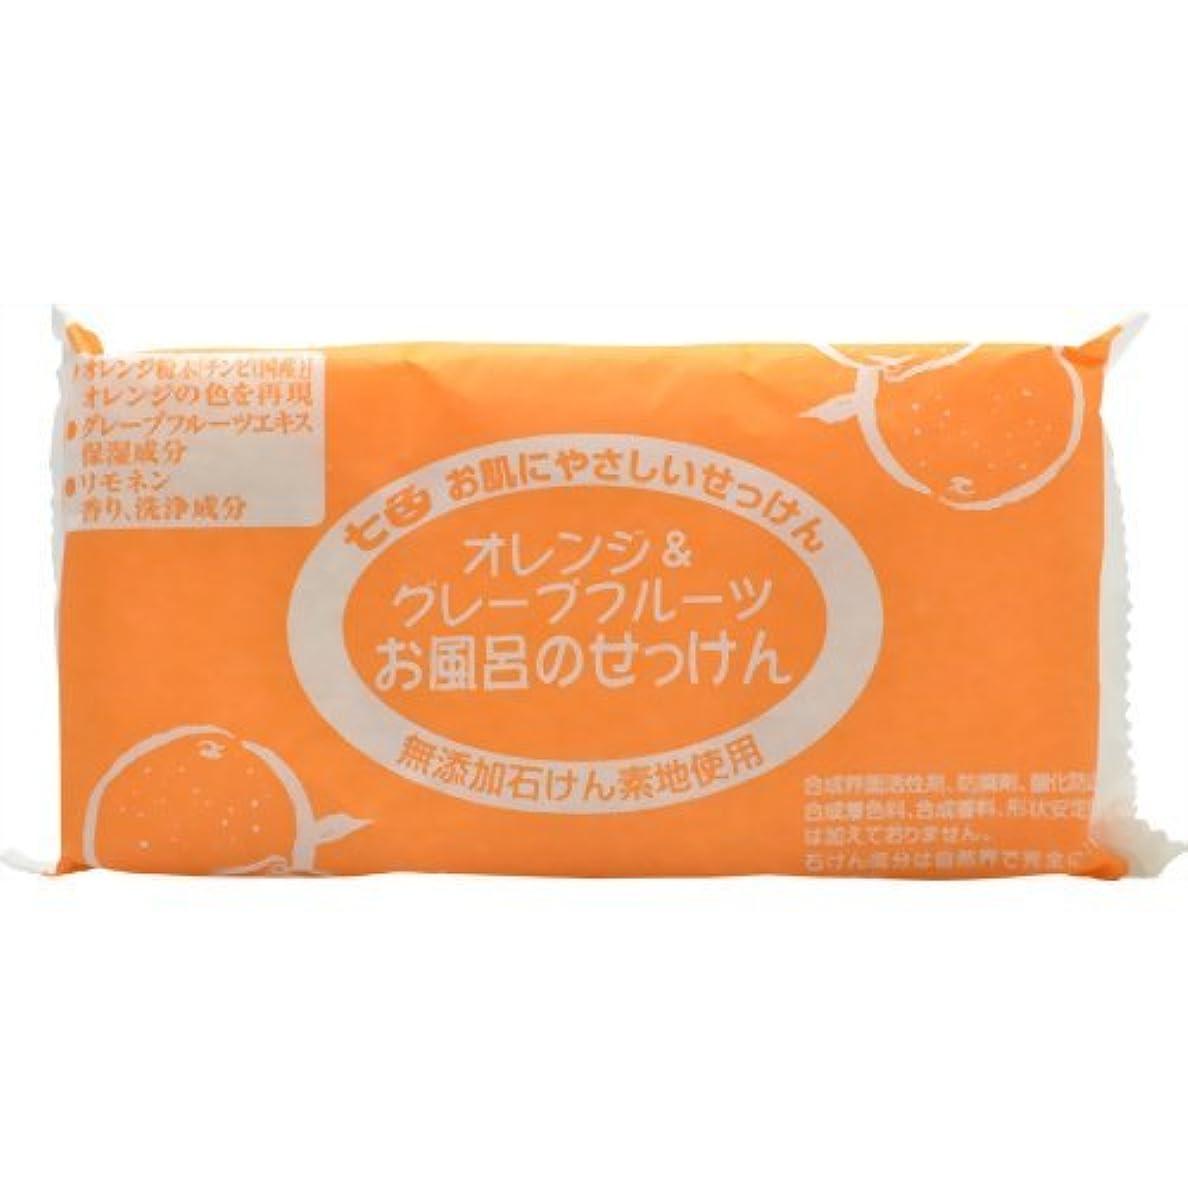 白菜タイプライター外科医まるは オレンジ&グレープフルーツ お風呂の石鹸 3個入り